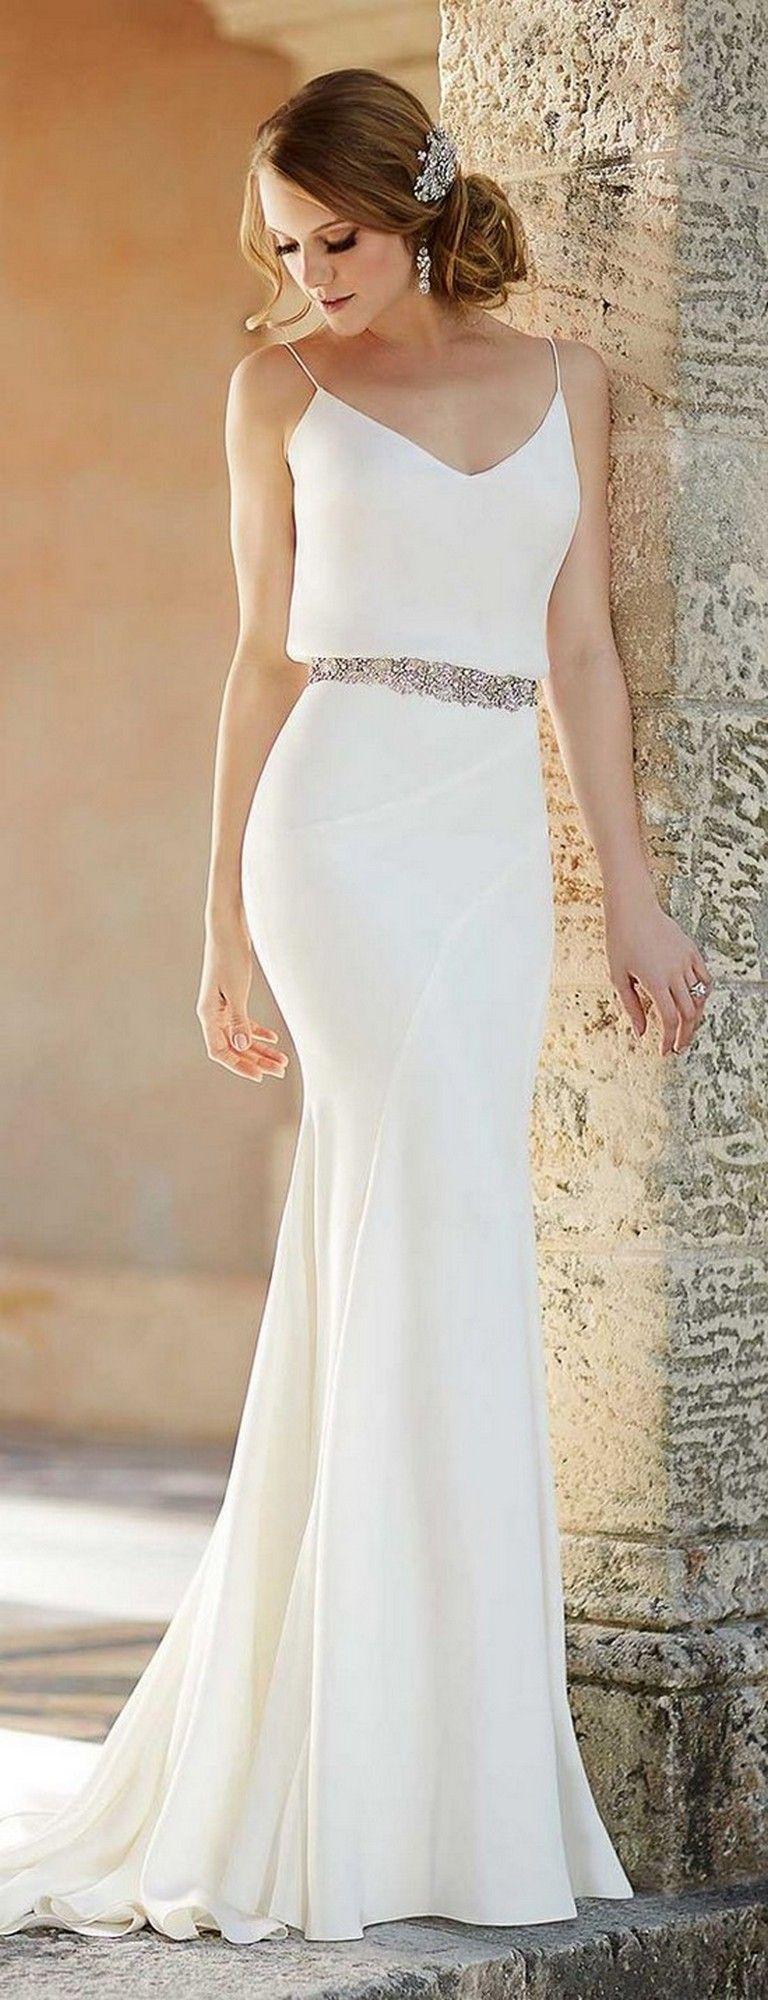 chic beach wedding dress awesome ideas wedding dress weddings